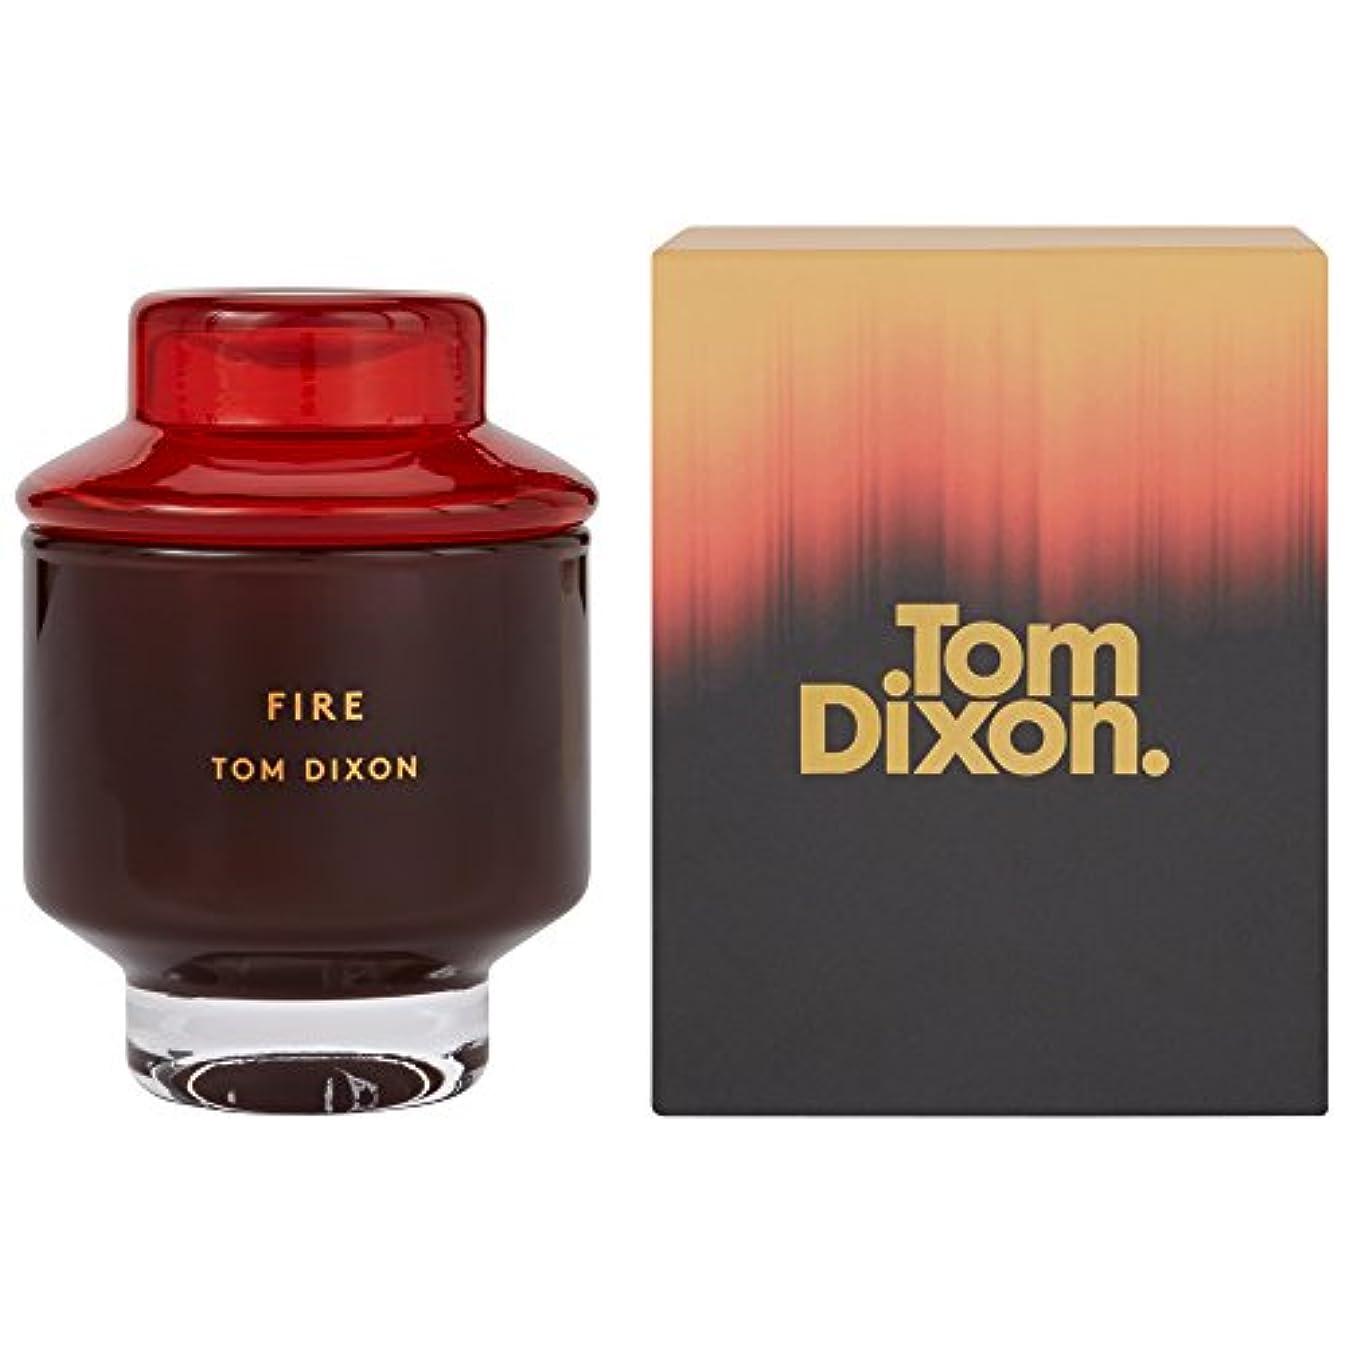 ボクシングジュラシックパークオートトム?ディクソン火災香りのキャンドル媒体 x6 - Tom Dixon Fire Scented Candle Medium (Pack of 6) [並行輸入品]